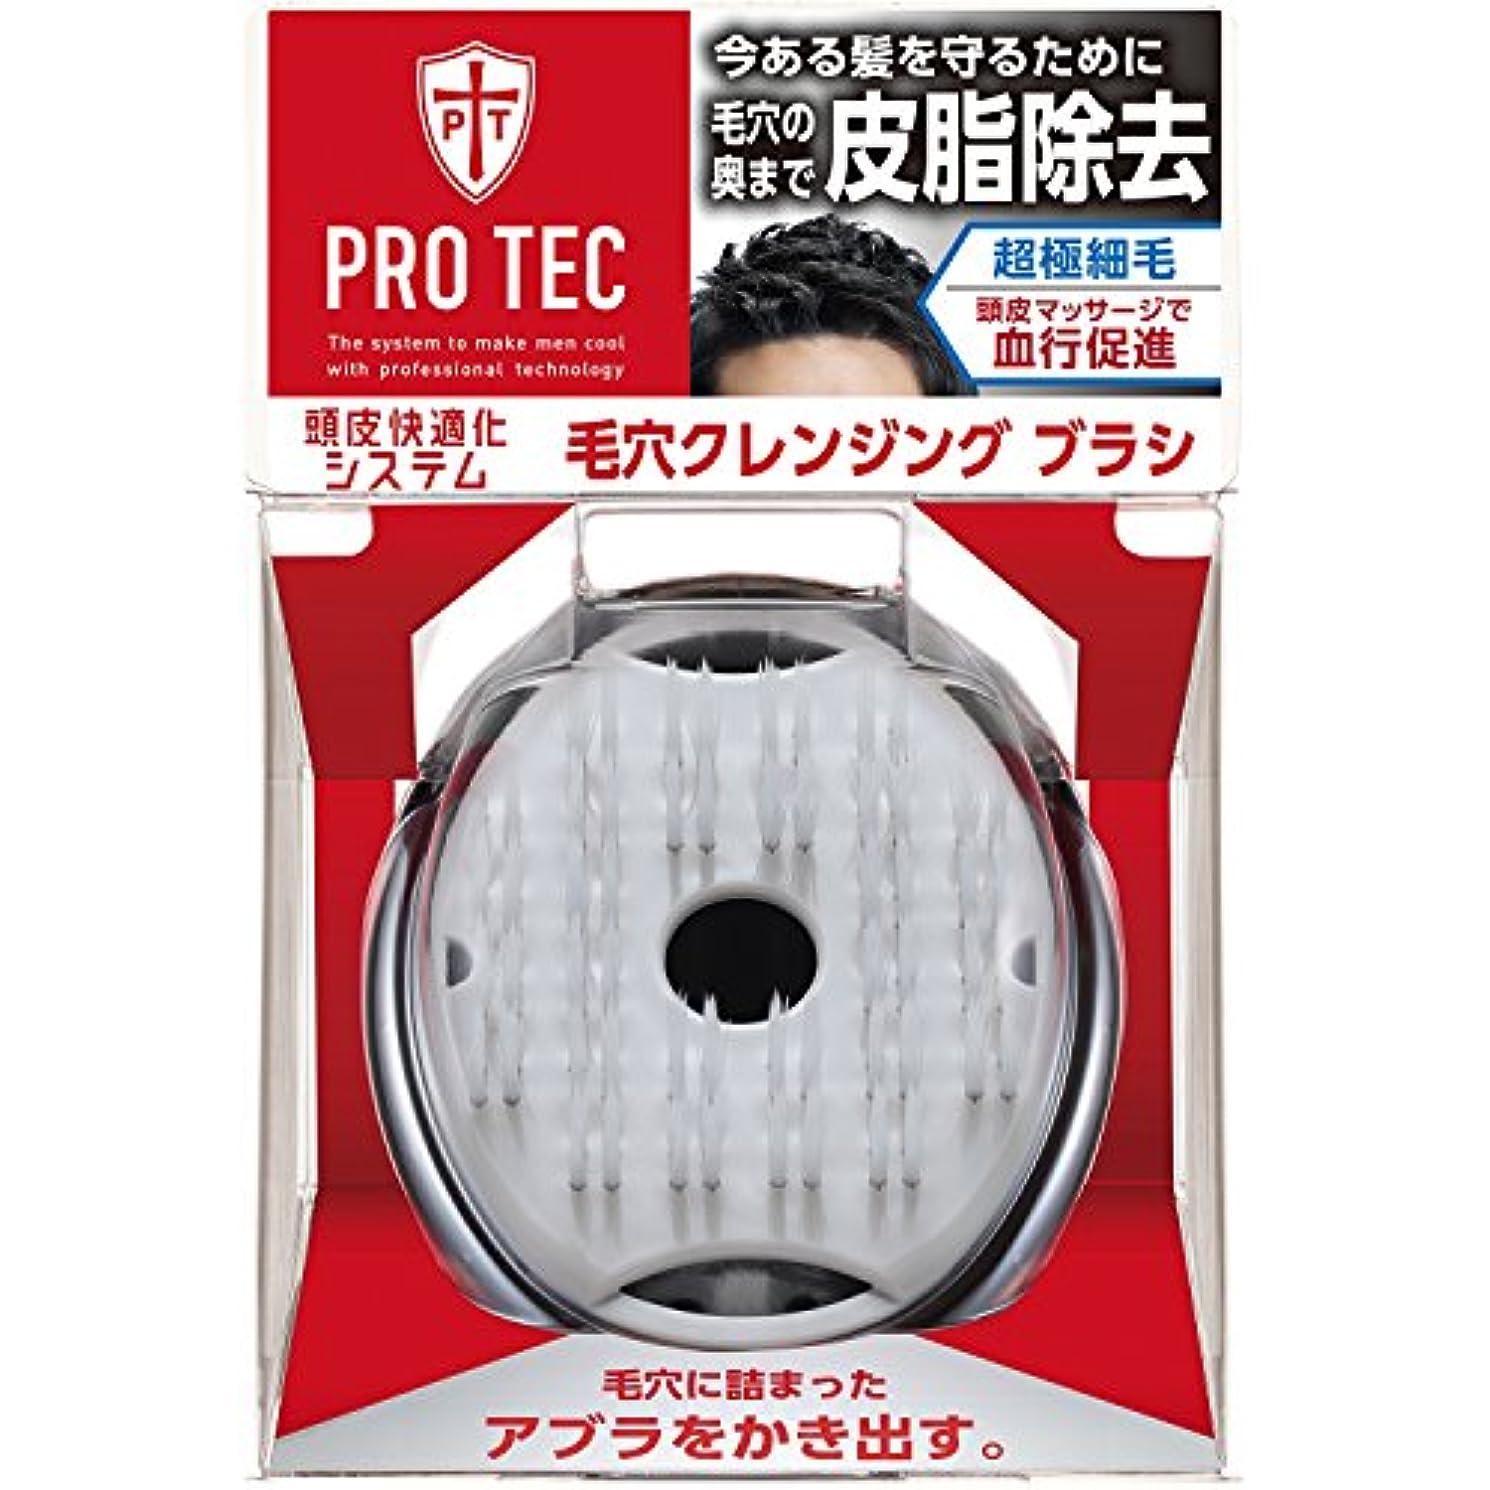 病んでいるプレートお互いPRO TEC(プロテク) ウォッシングブラシ 毛穴クレンジングタイプ